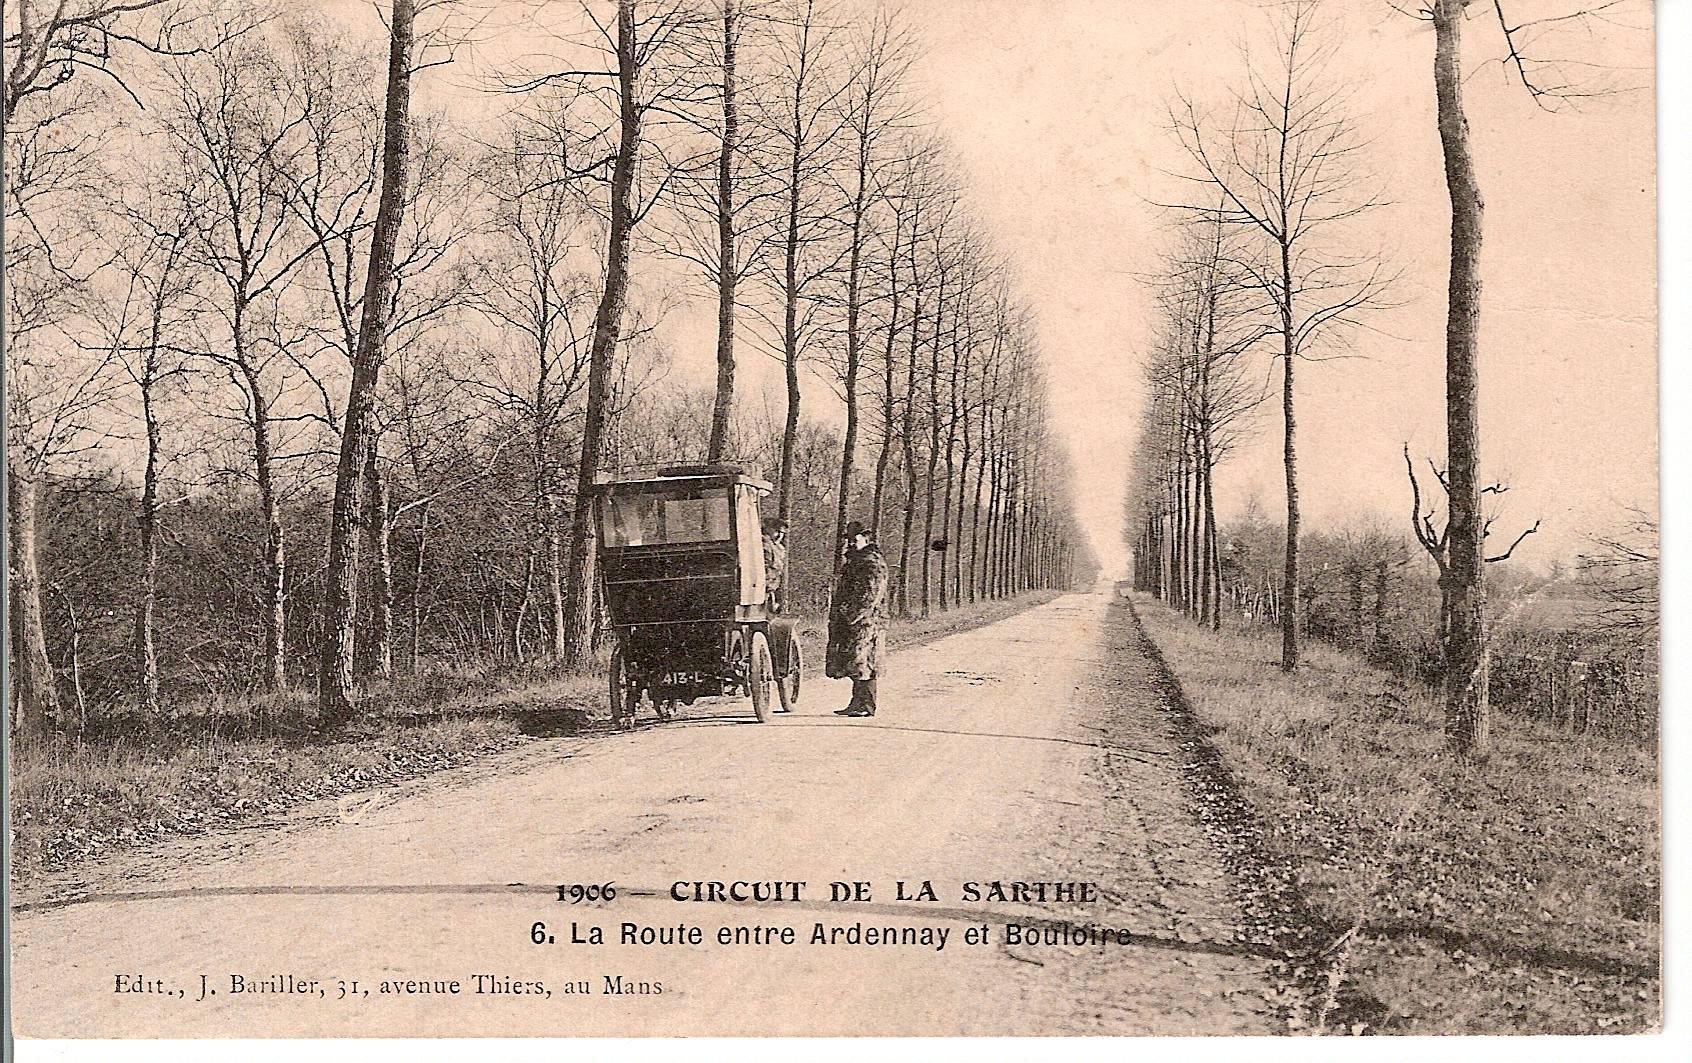 Circuit de la Sarthe 1906 - La Route entre Ardenay et Bouloire